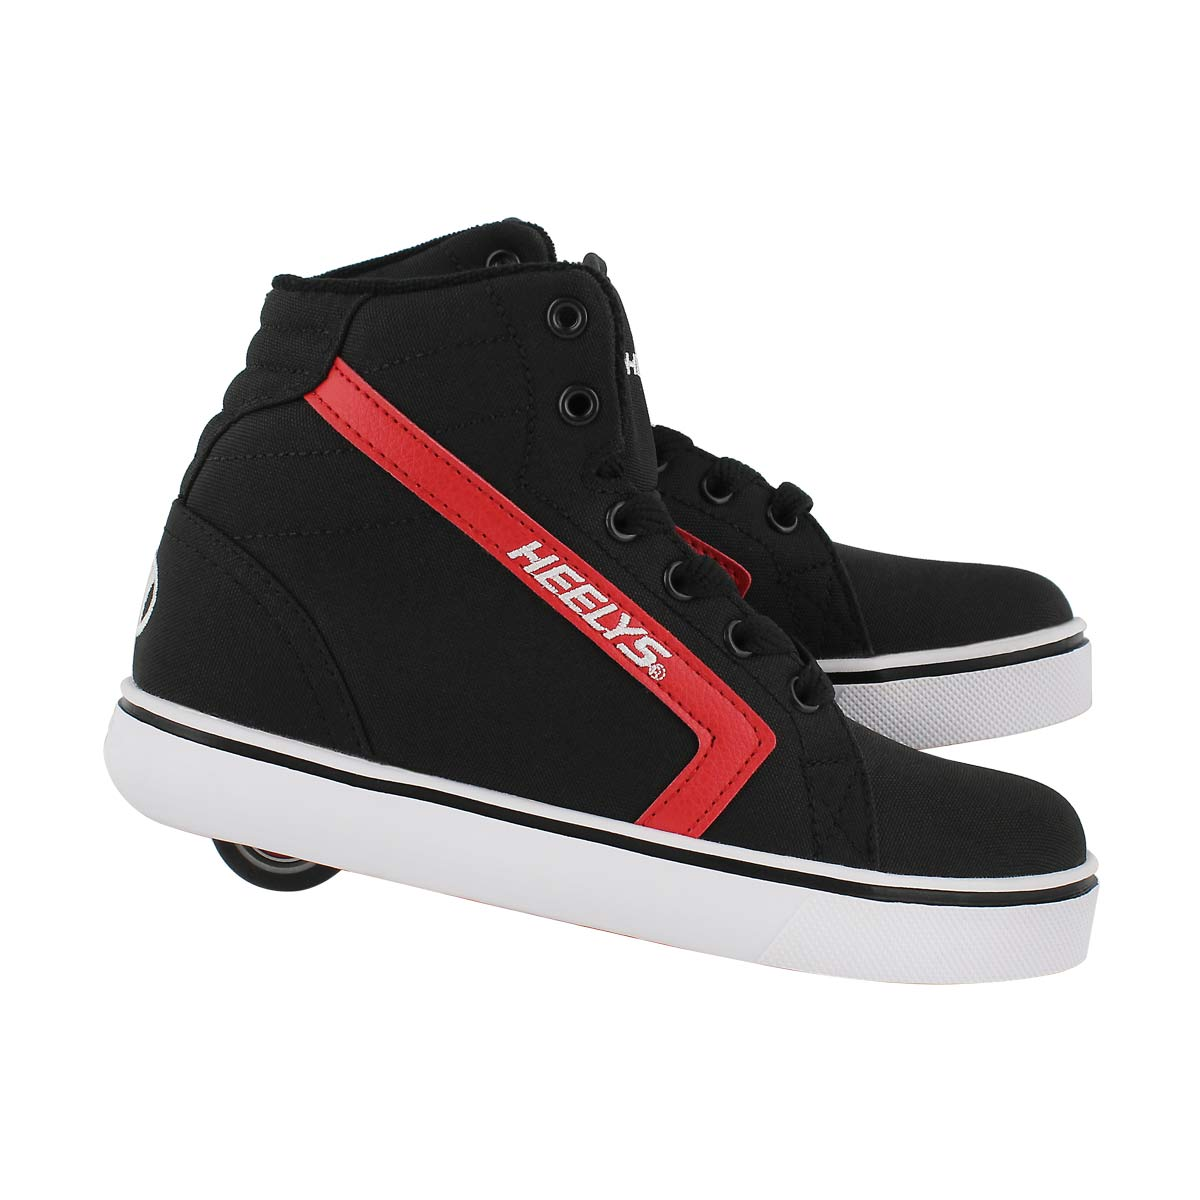 Bys Gr8r Hi blk/red skate sneaker